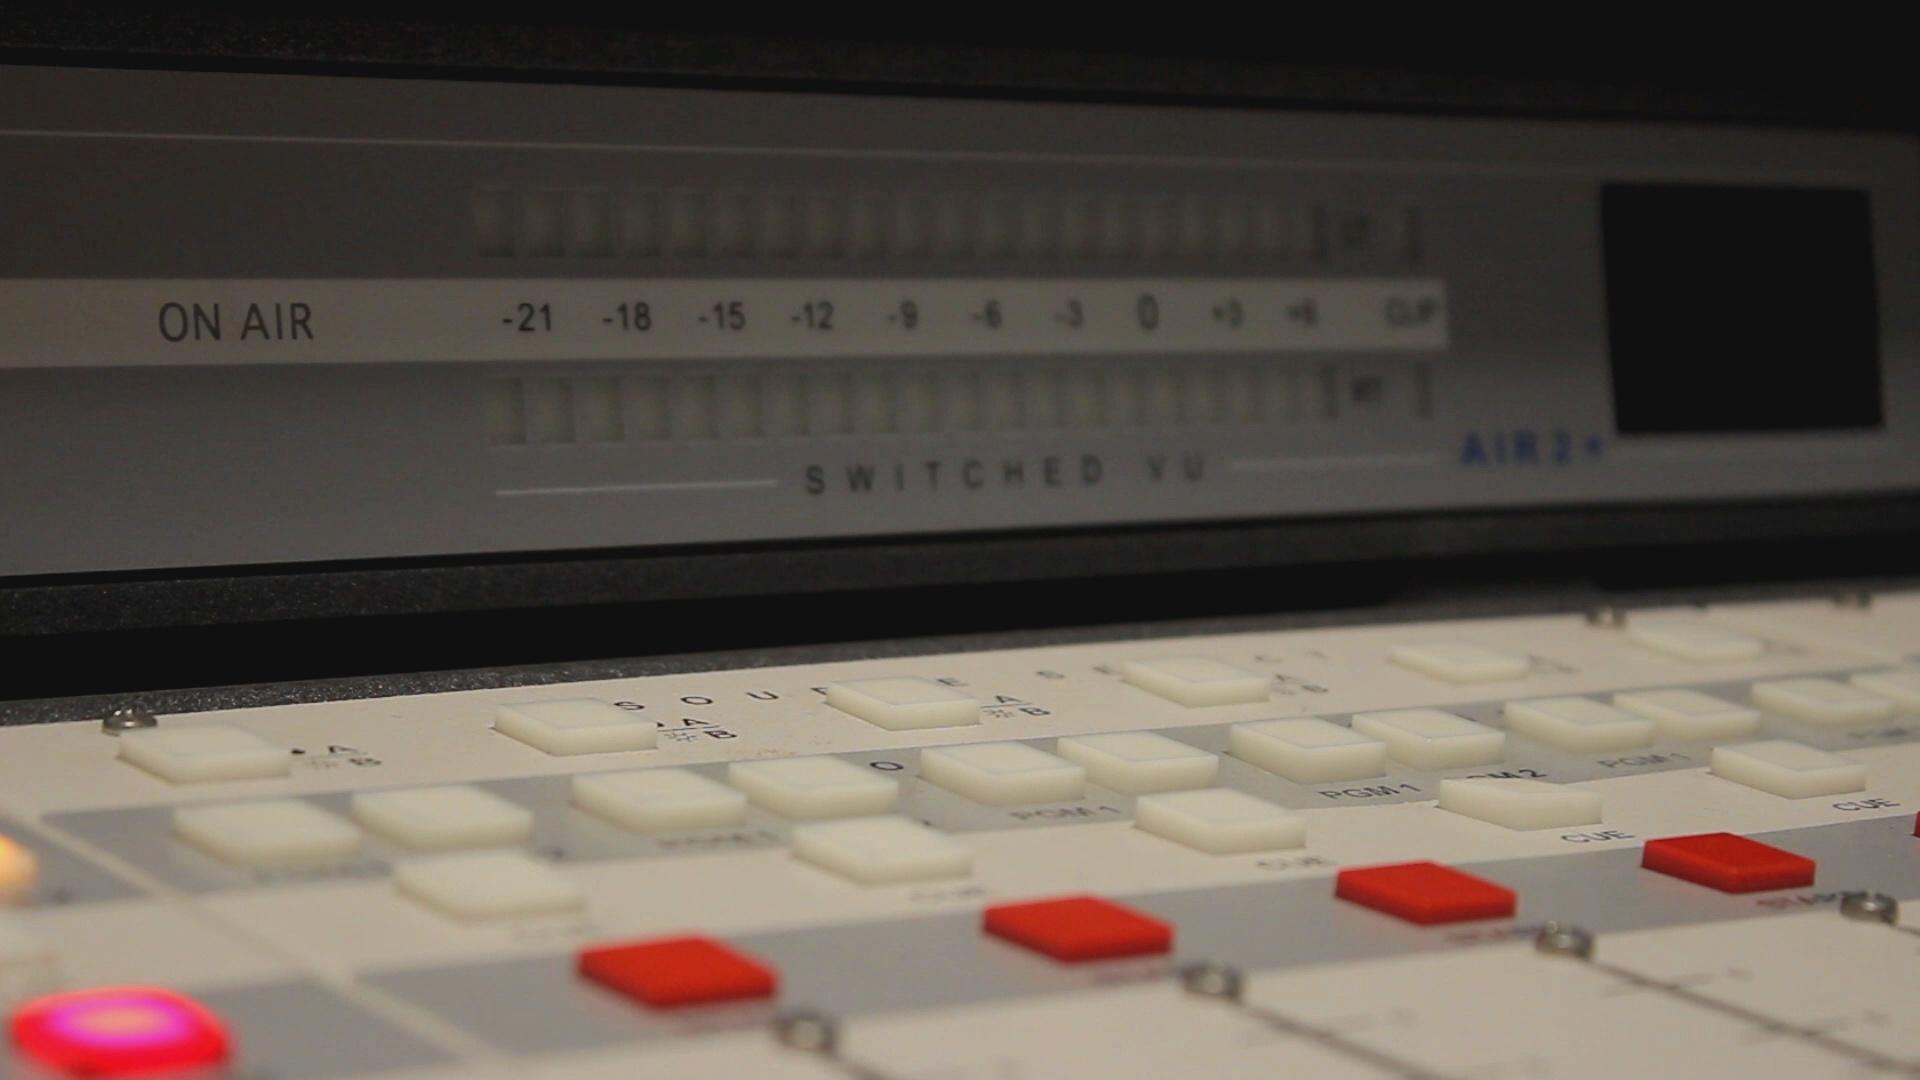 radio1920x1080.jpg